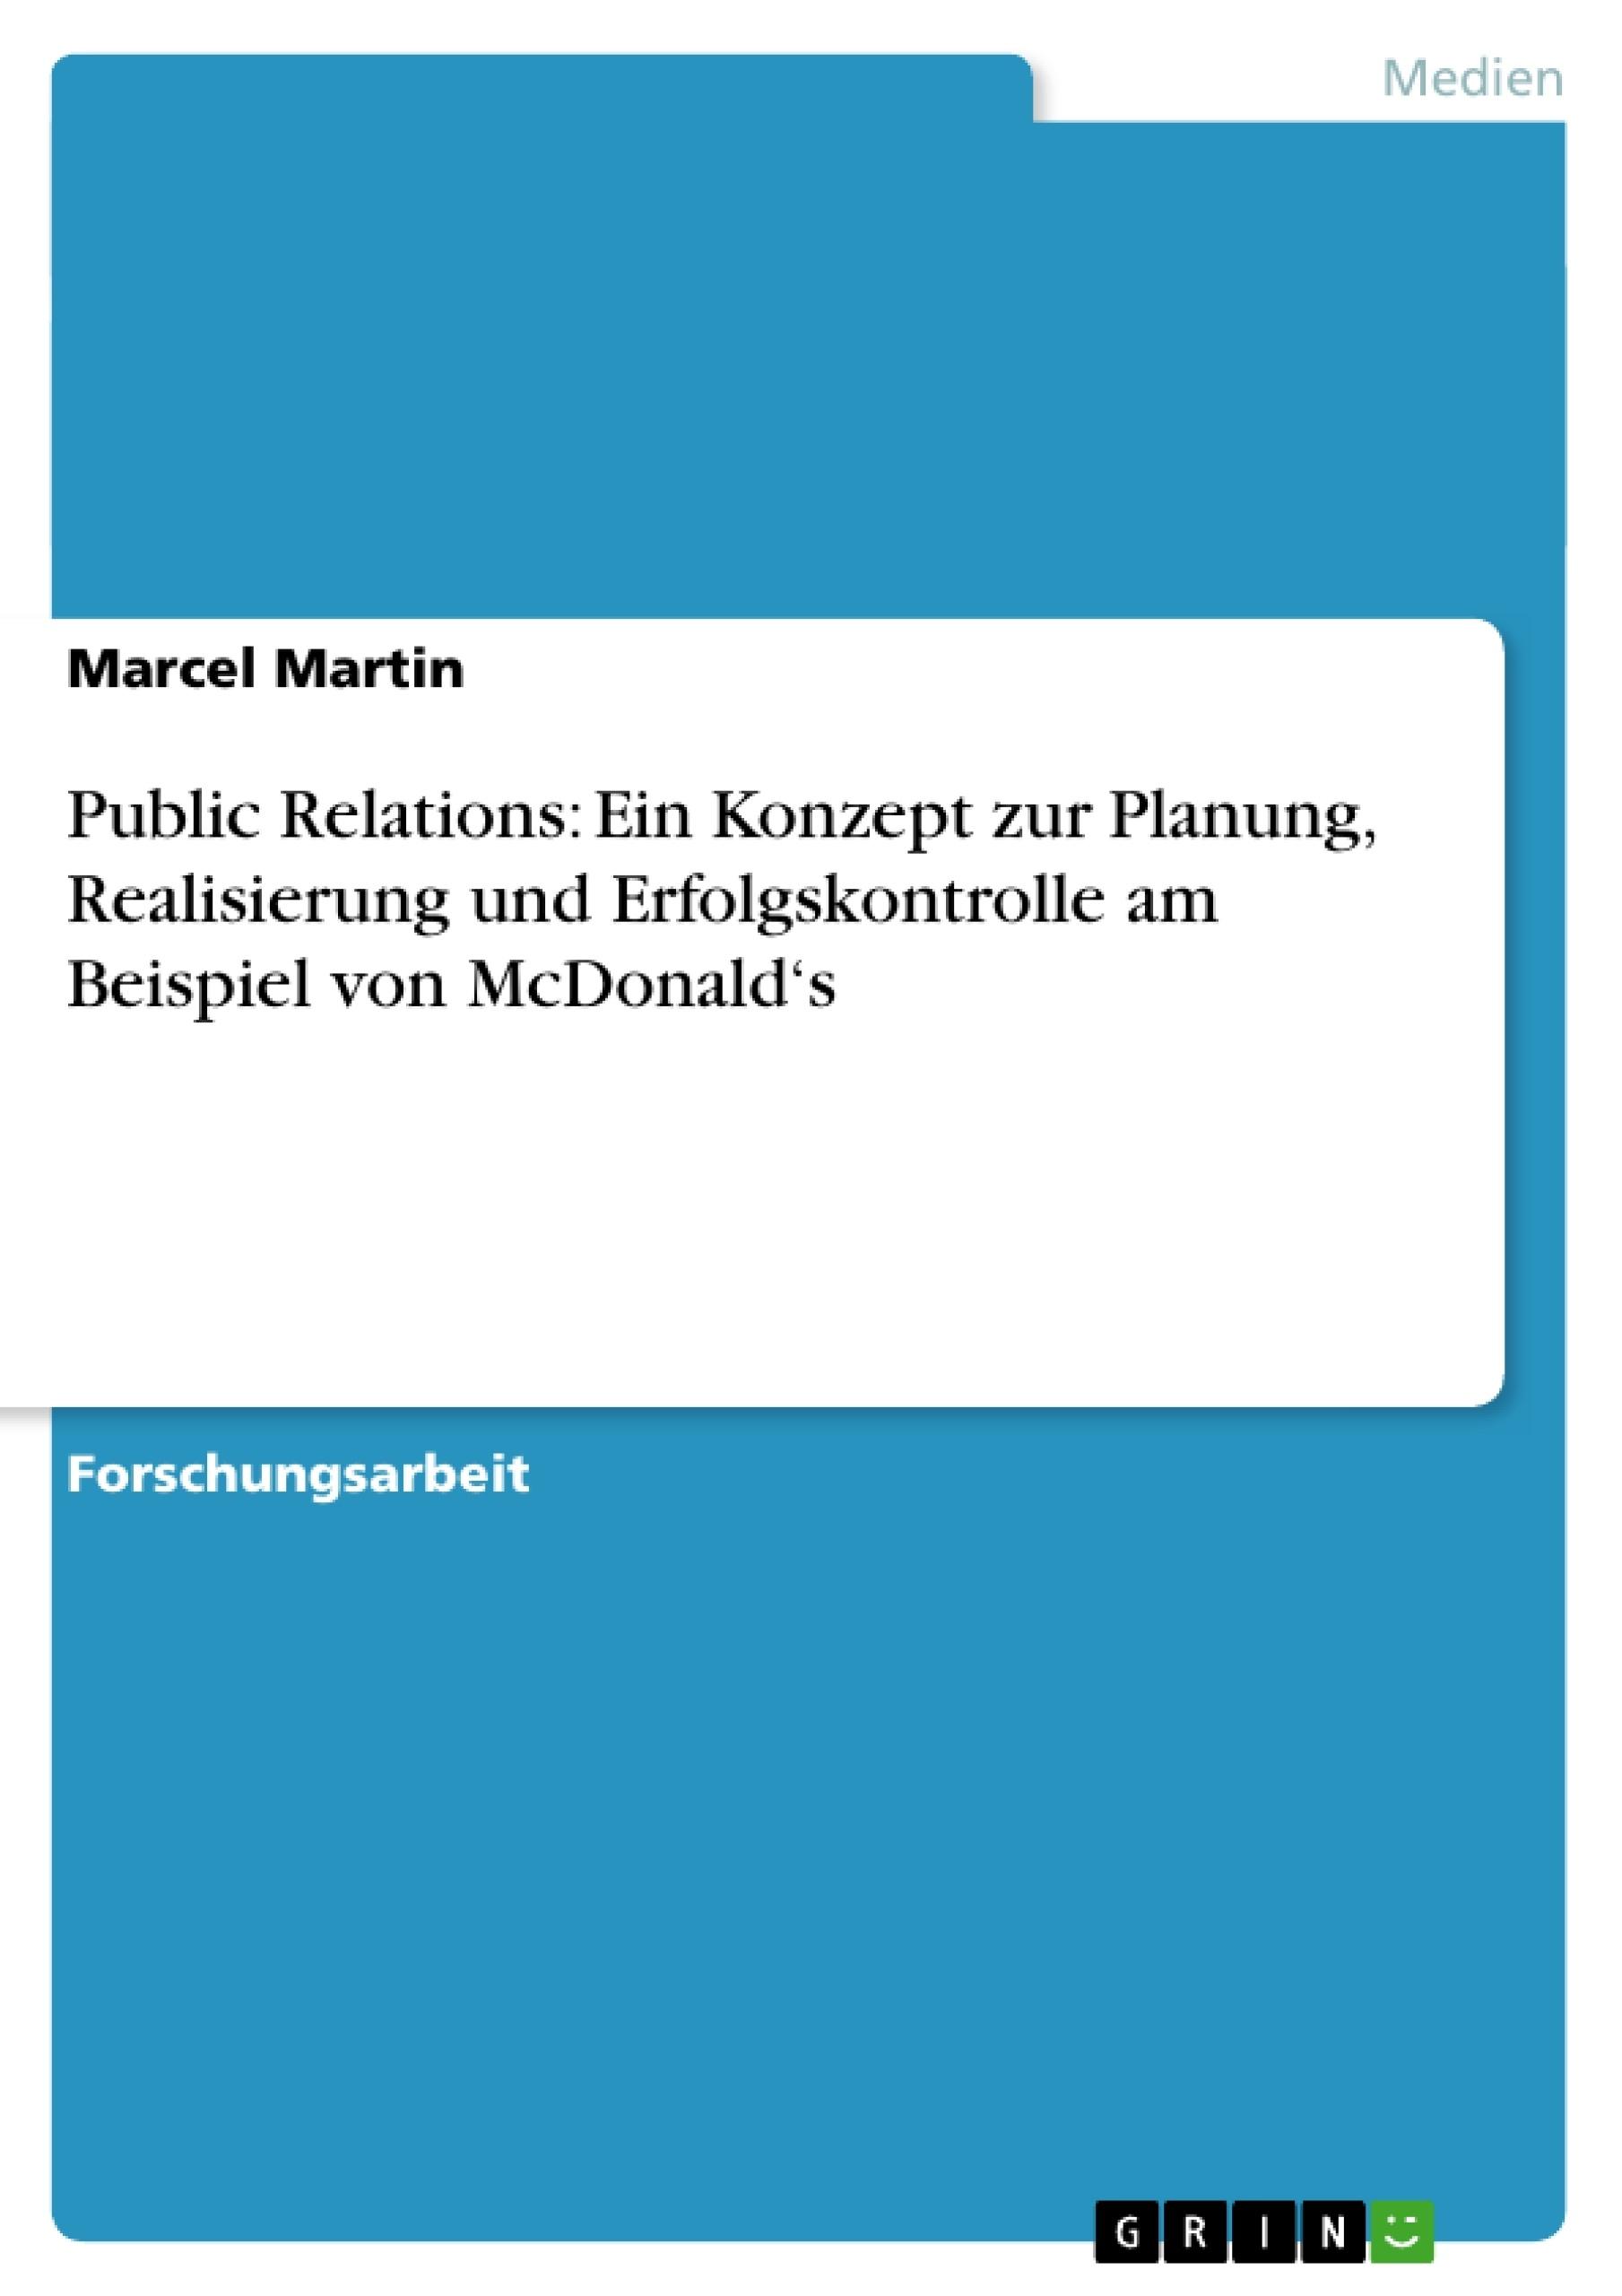 Titel: Public Relations:  Ein Konzept zur Planung, Realisierung und Erfolgskontrolle am Beispiel von McDonald's